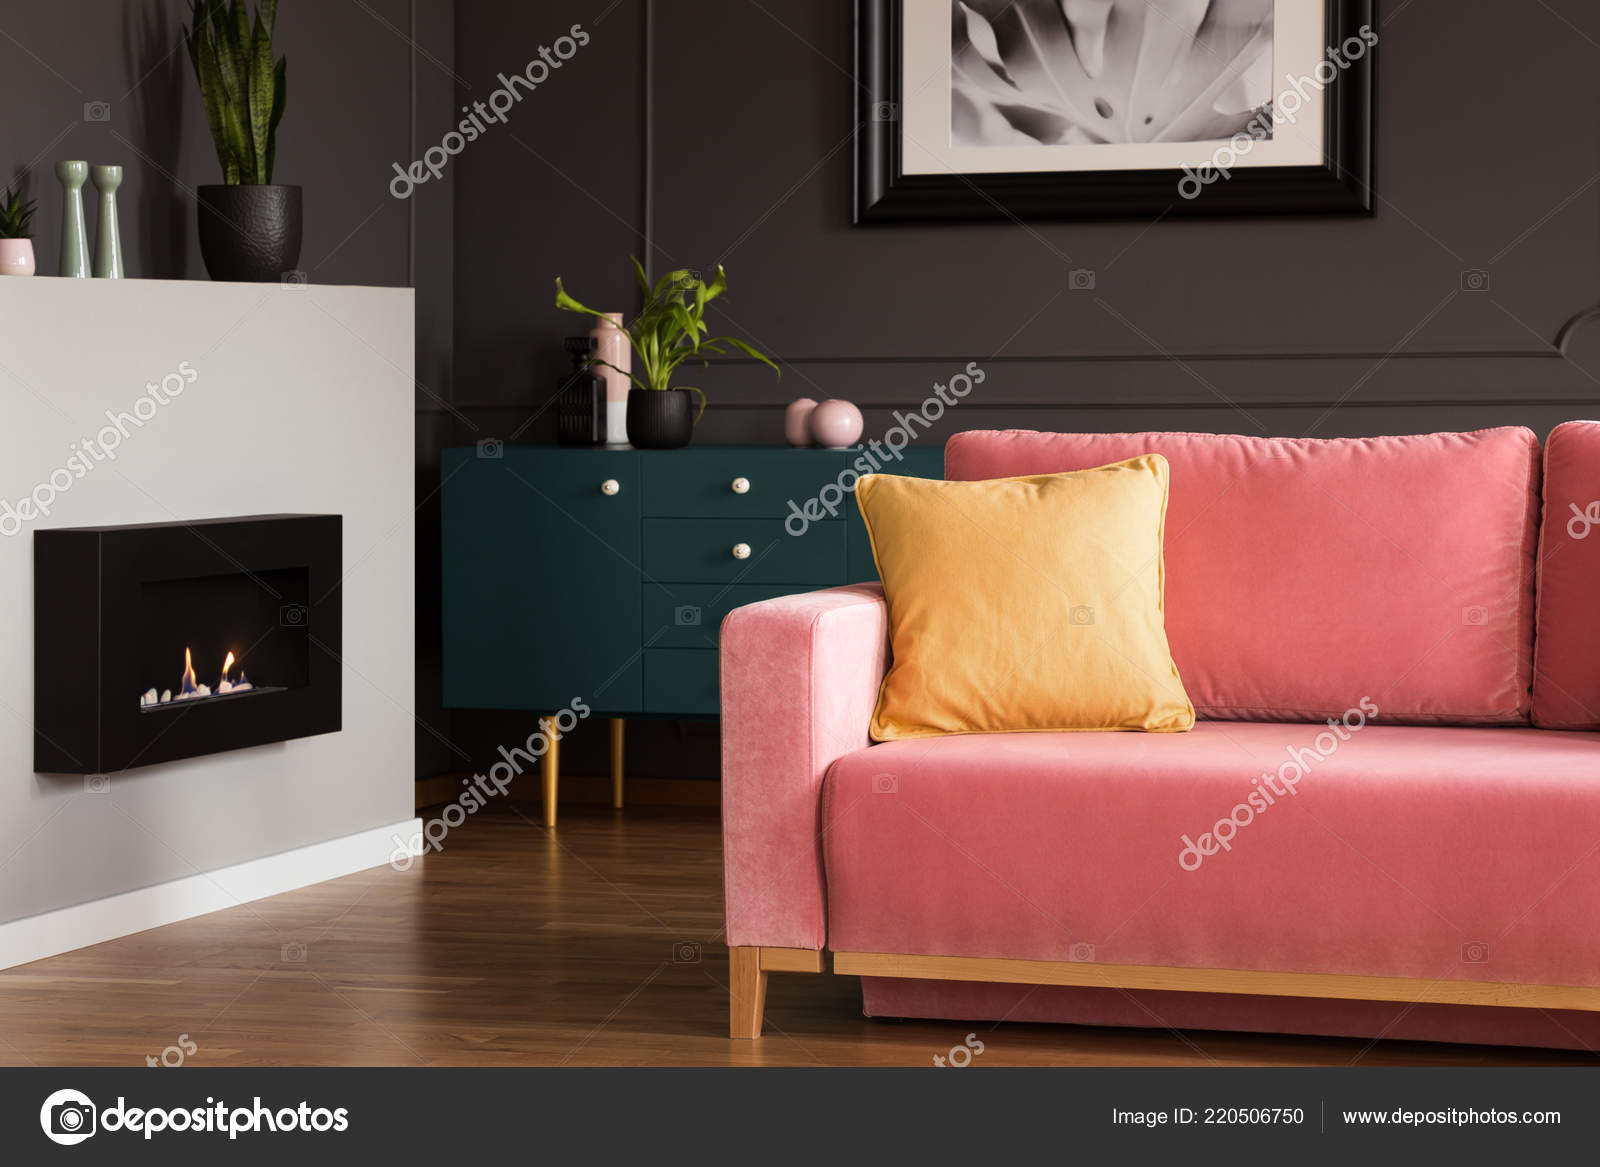 Divano Rosa Cipria : Cuscino giallo rosa cipria divano velluto nero eco brucia camino